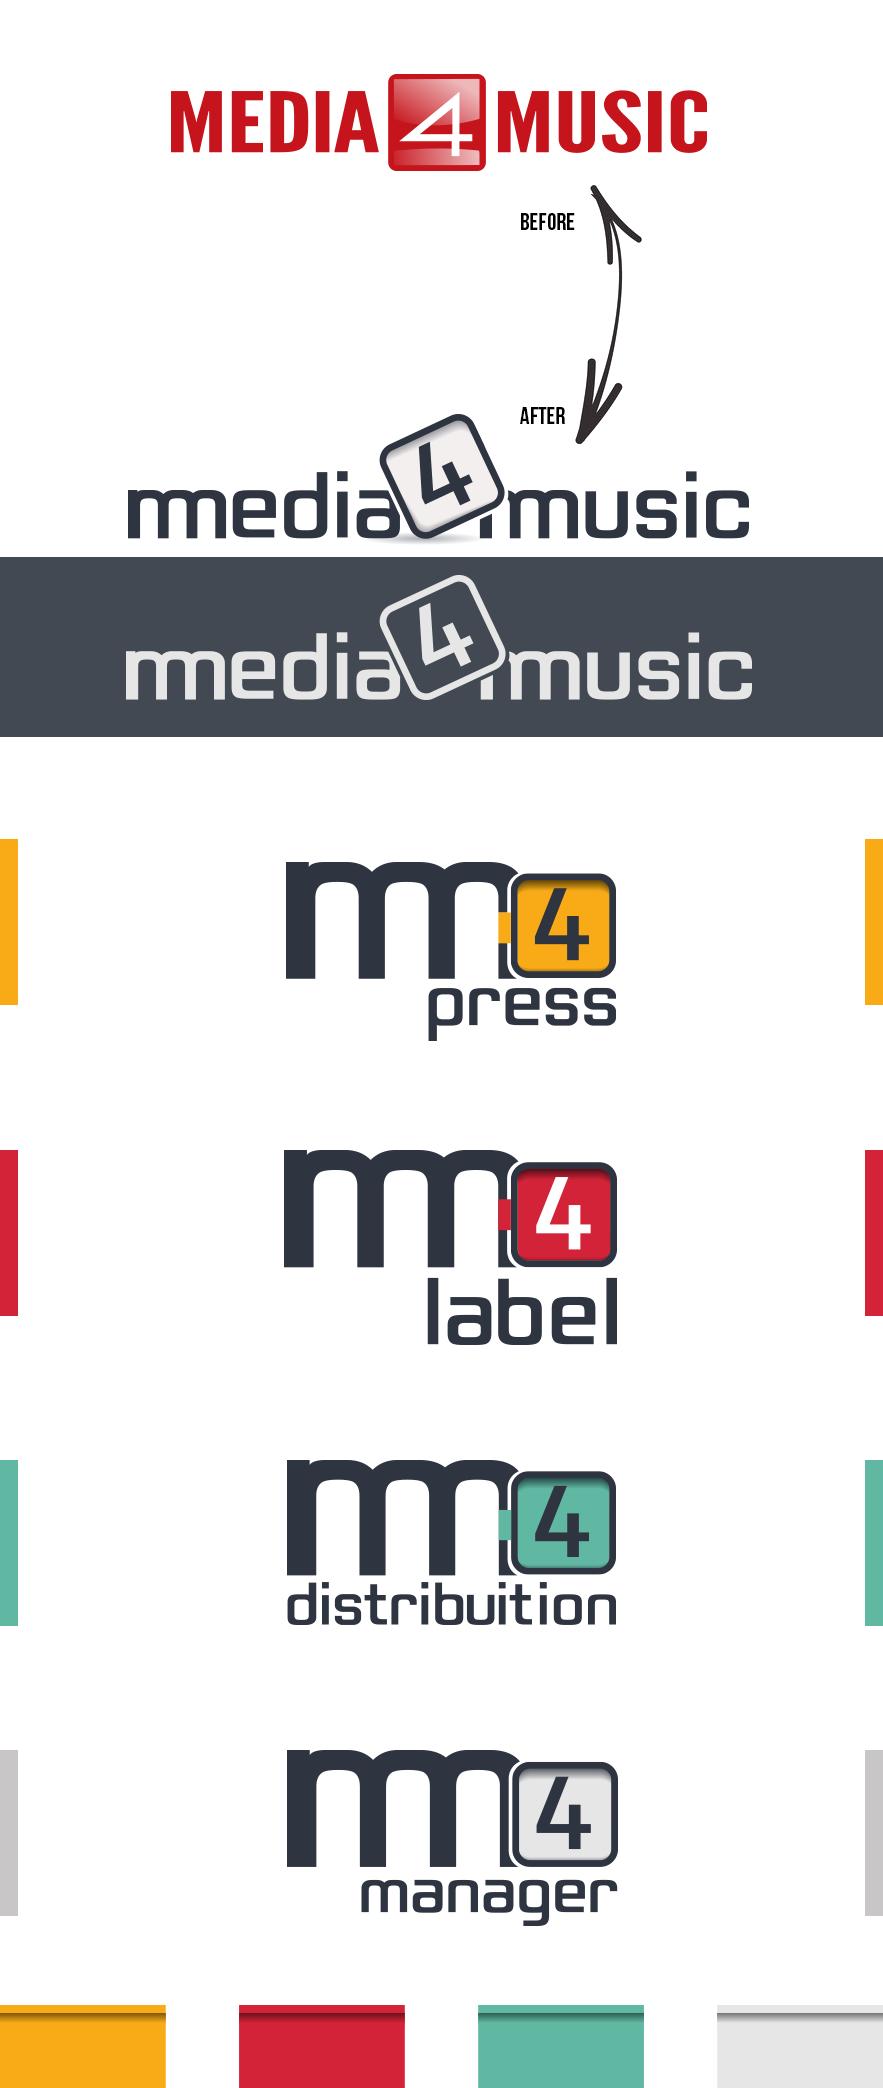 Branding for Media4Music